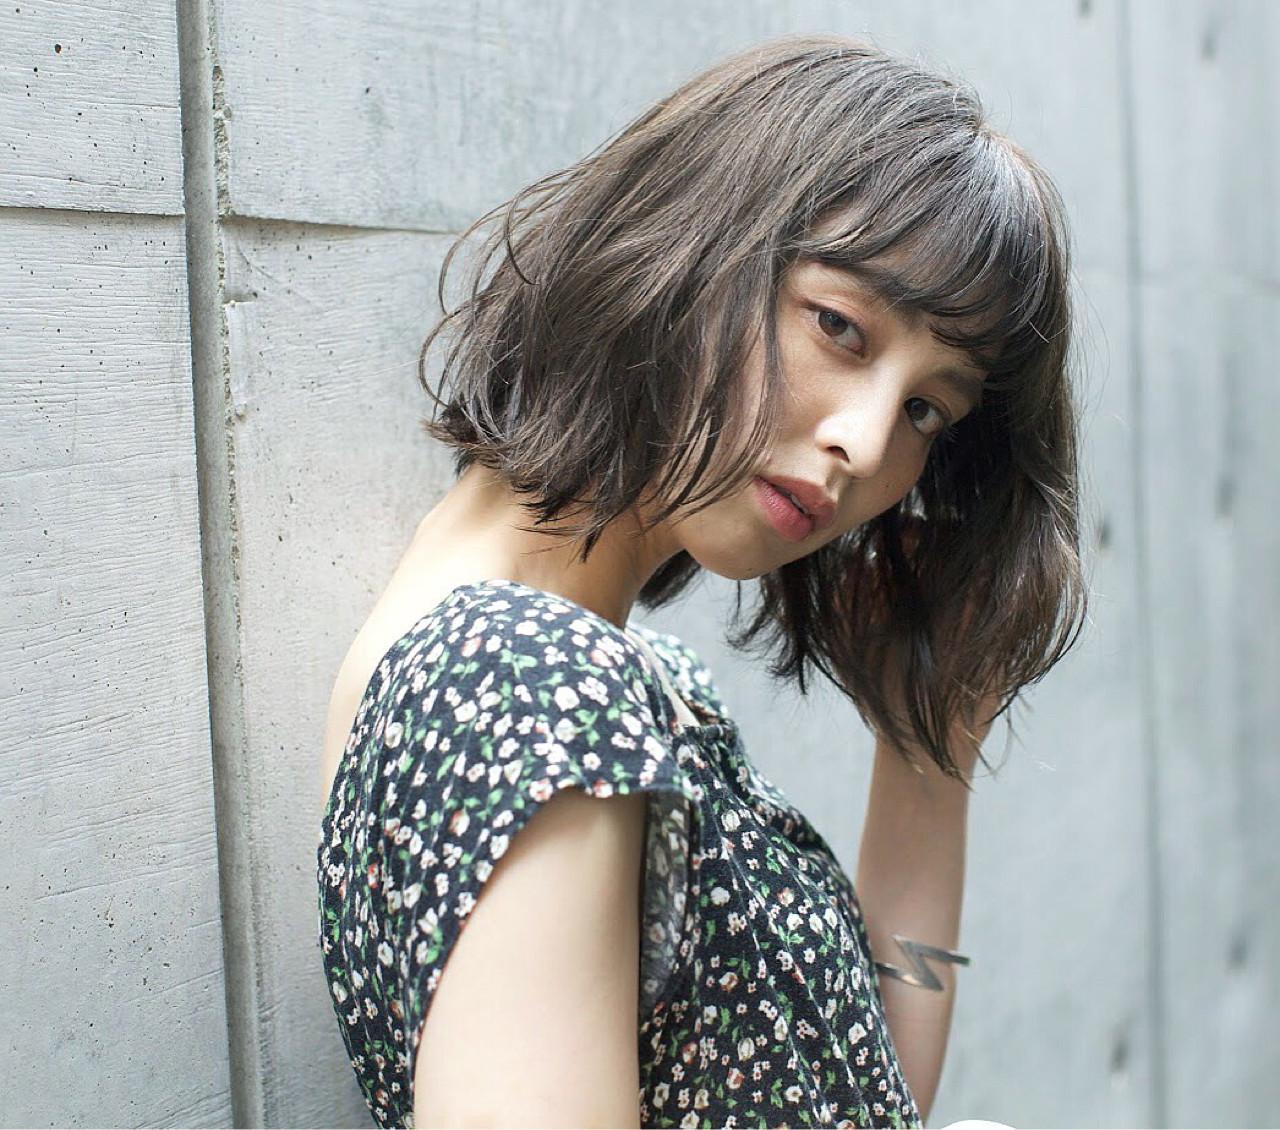 【2017年春夏ヘアカタログ】ナチュラルで媚びてない女性らしさが魅力の髪型特集 佐脇 正徳